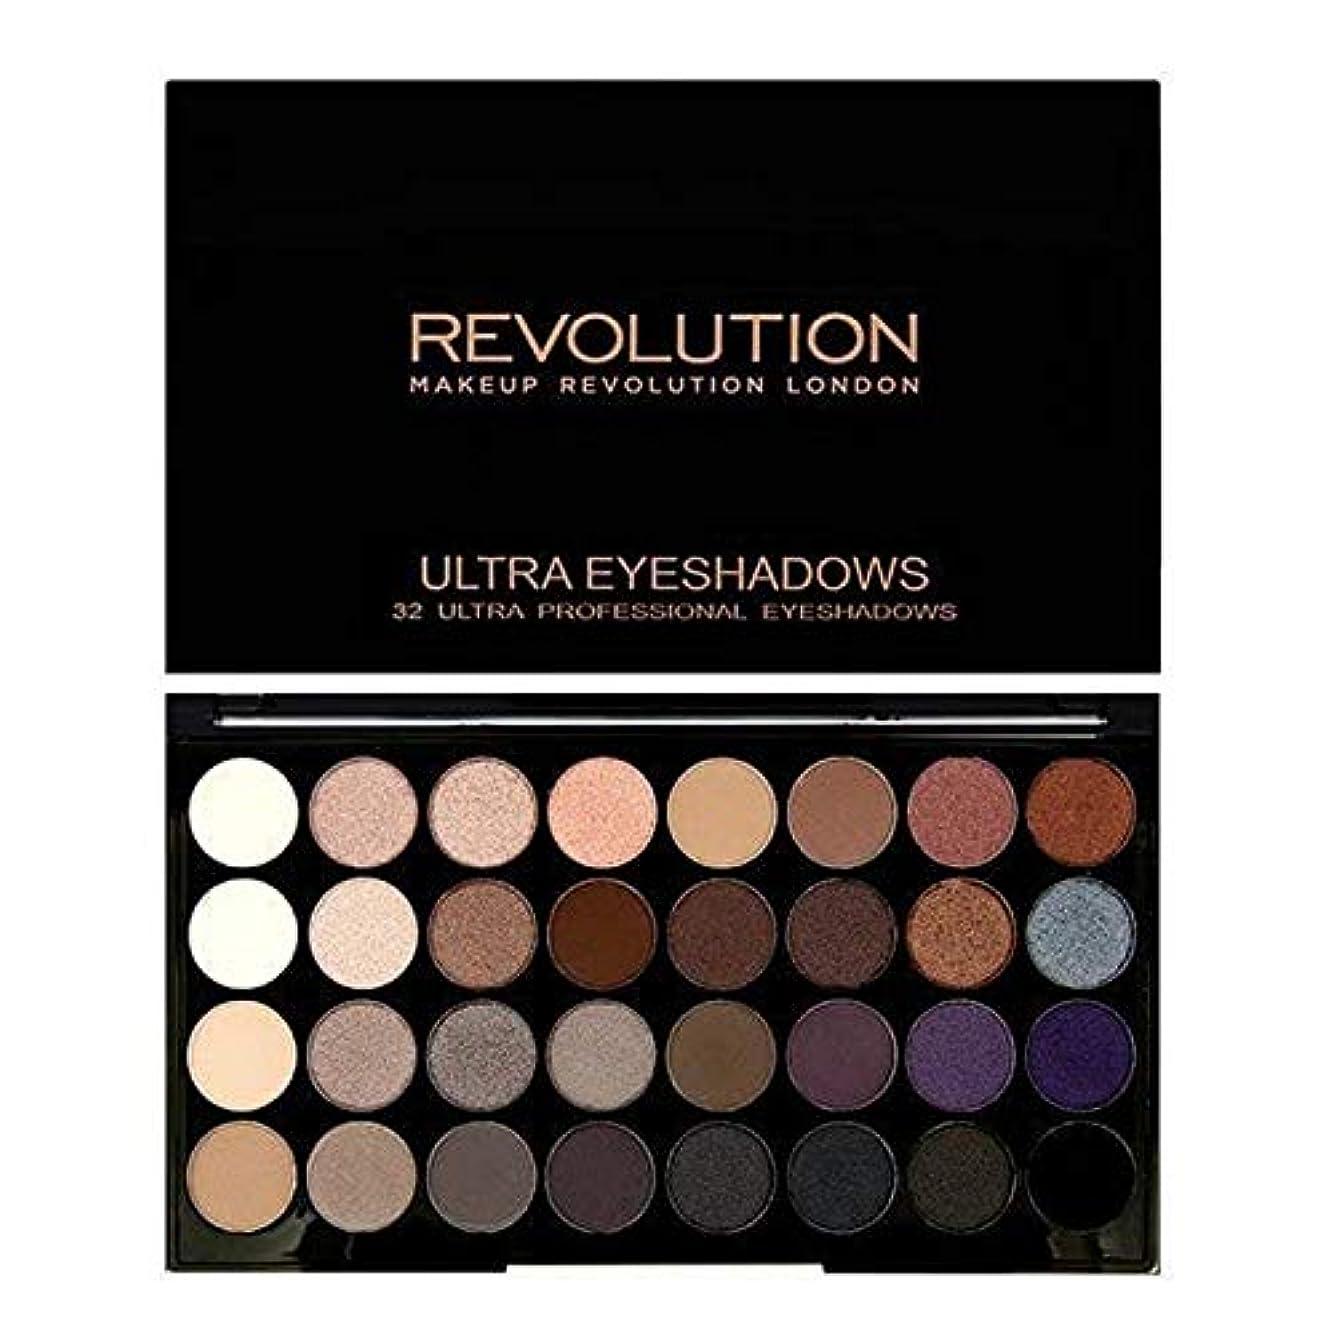 非難する放送杖[Revolution ] 革命32アイシャドウパレット肯定 - Revolution 32 Eye Shadow Palette Affirmation [並行輸入品]